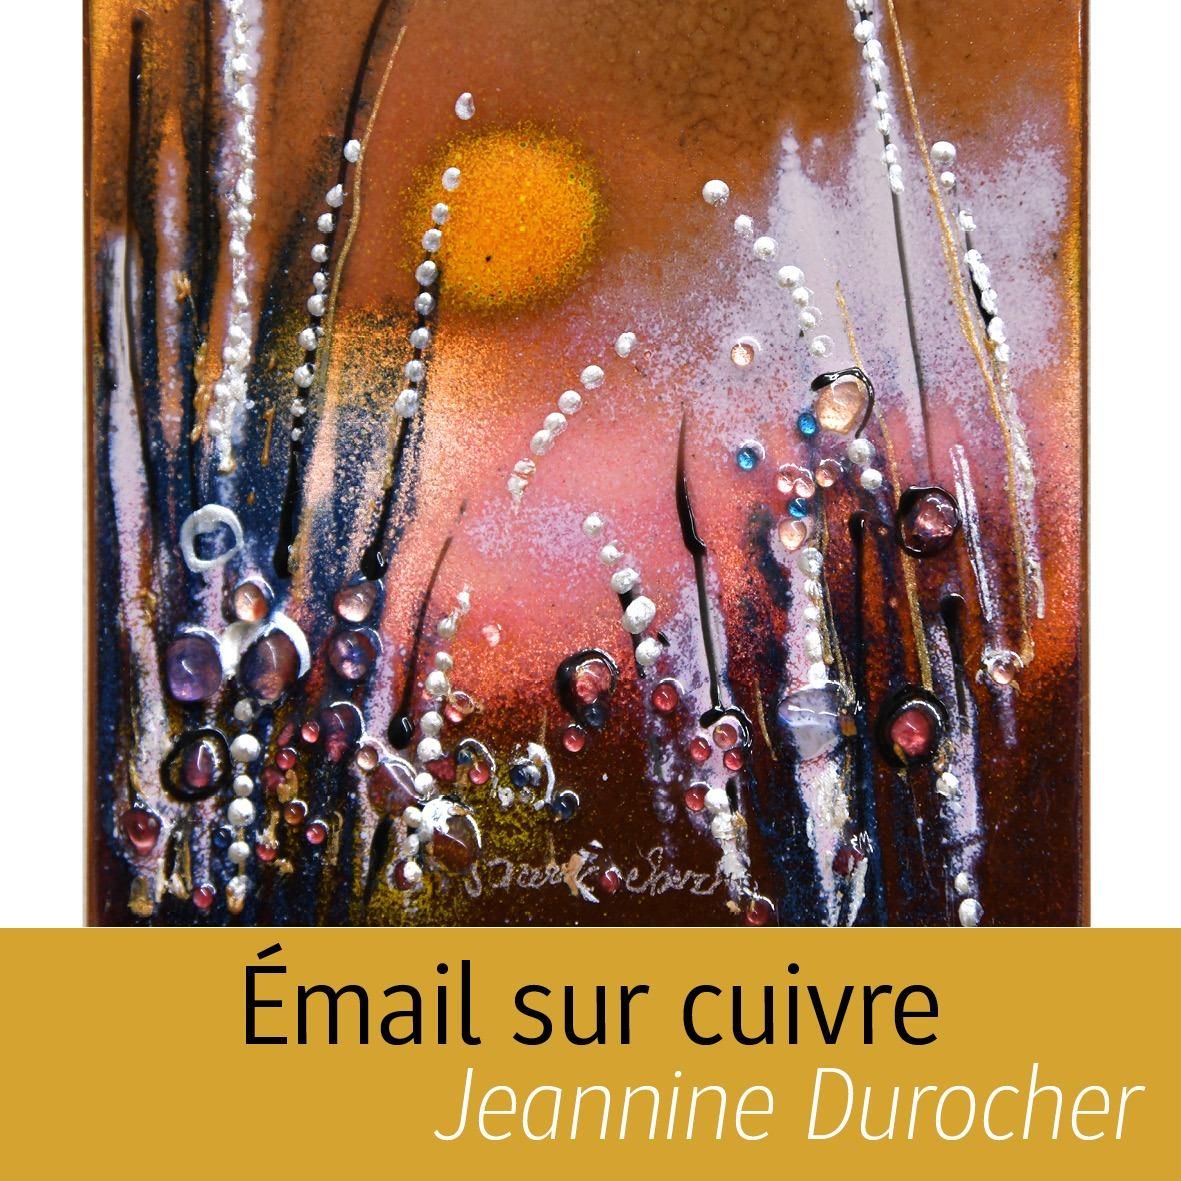 Émail sur cuivre Jeannine Durocher